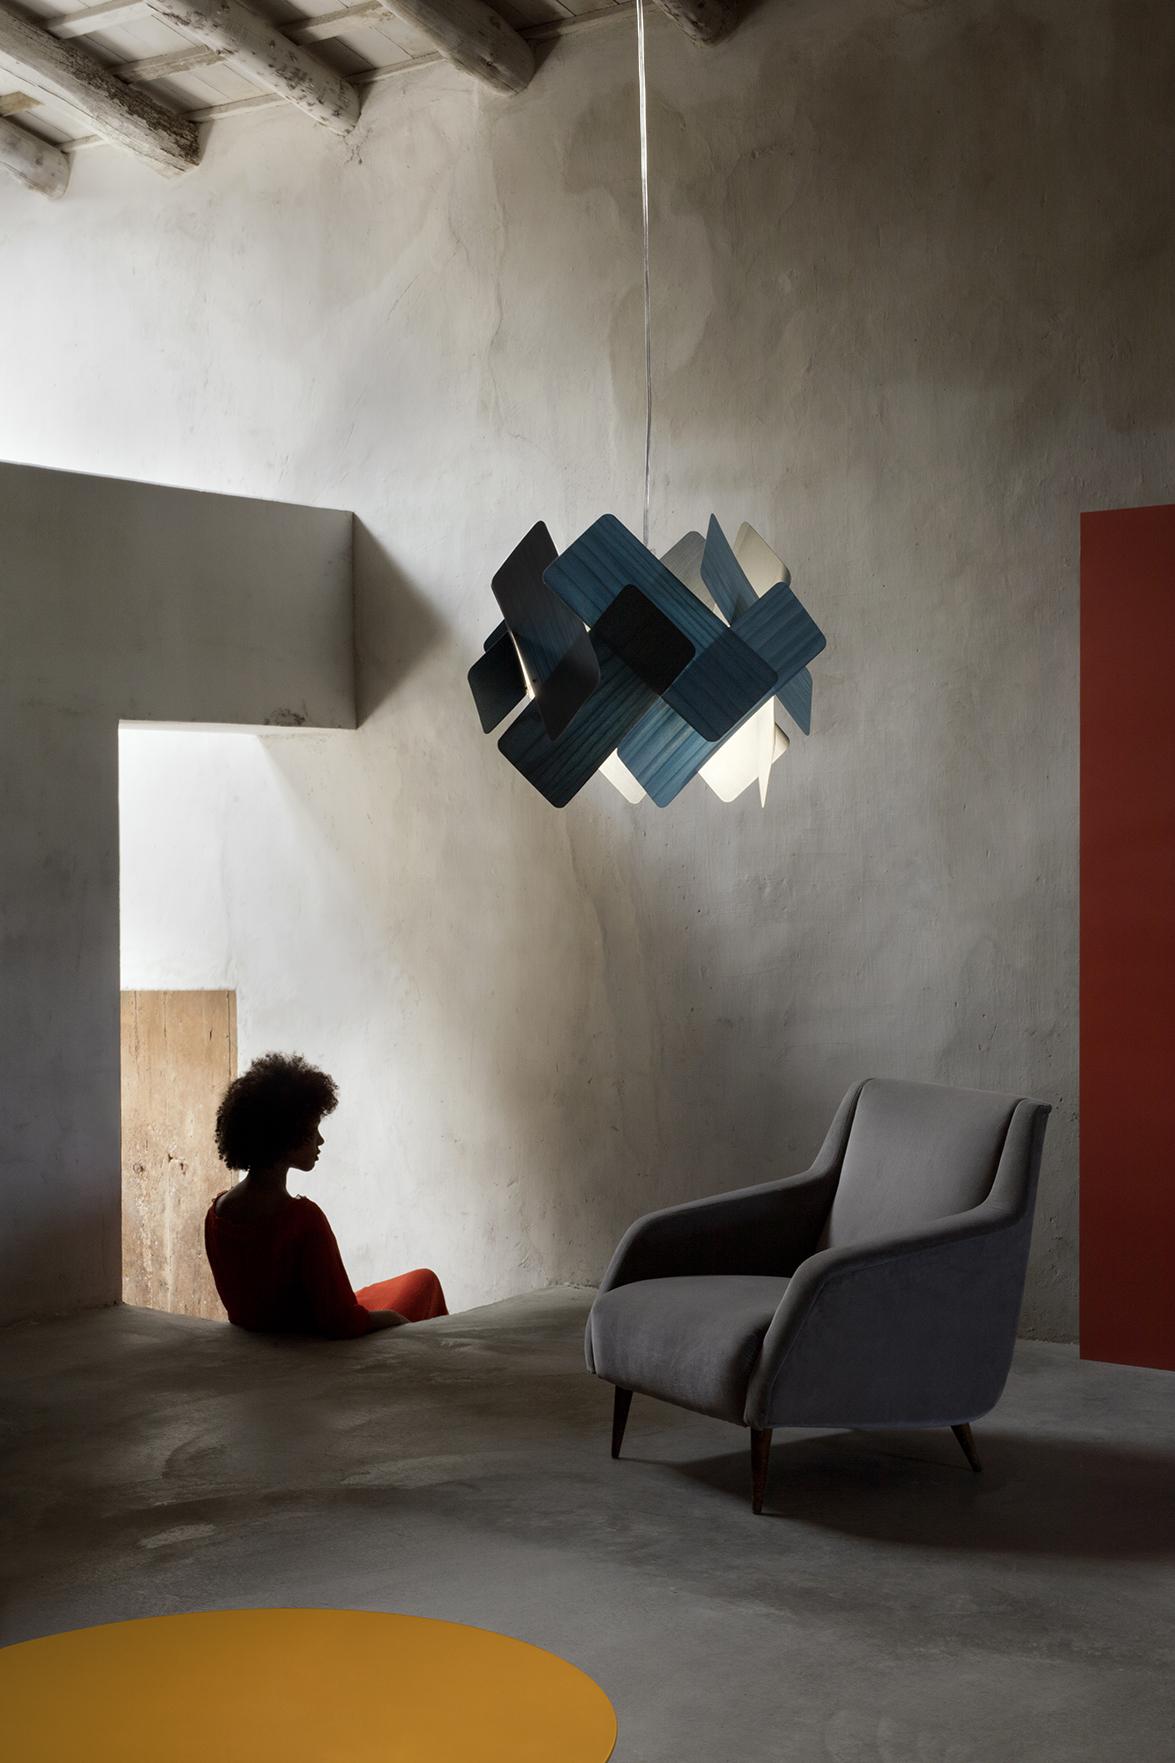 lzf_lamps_klunderbie_photos_escape_pendant